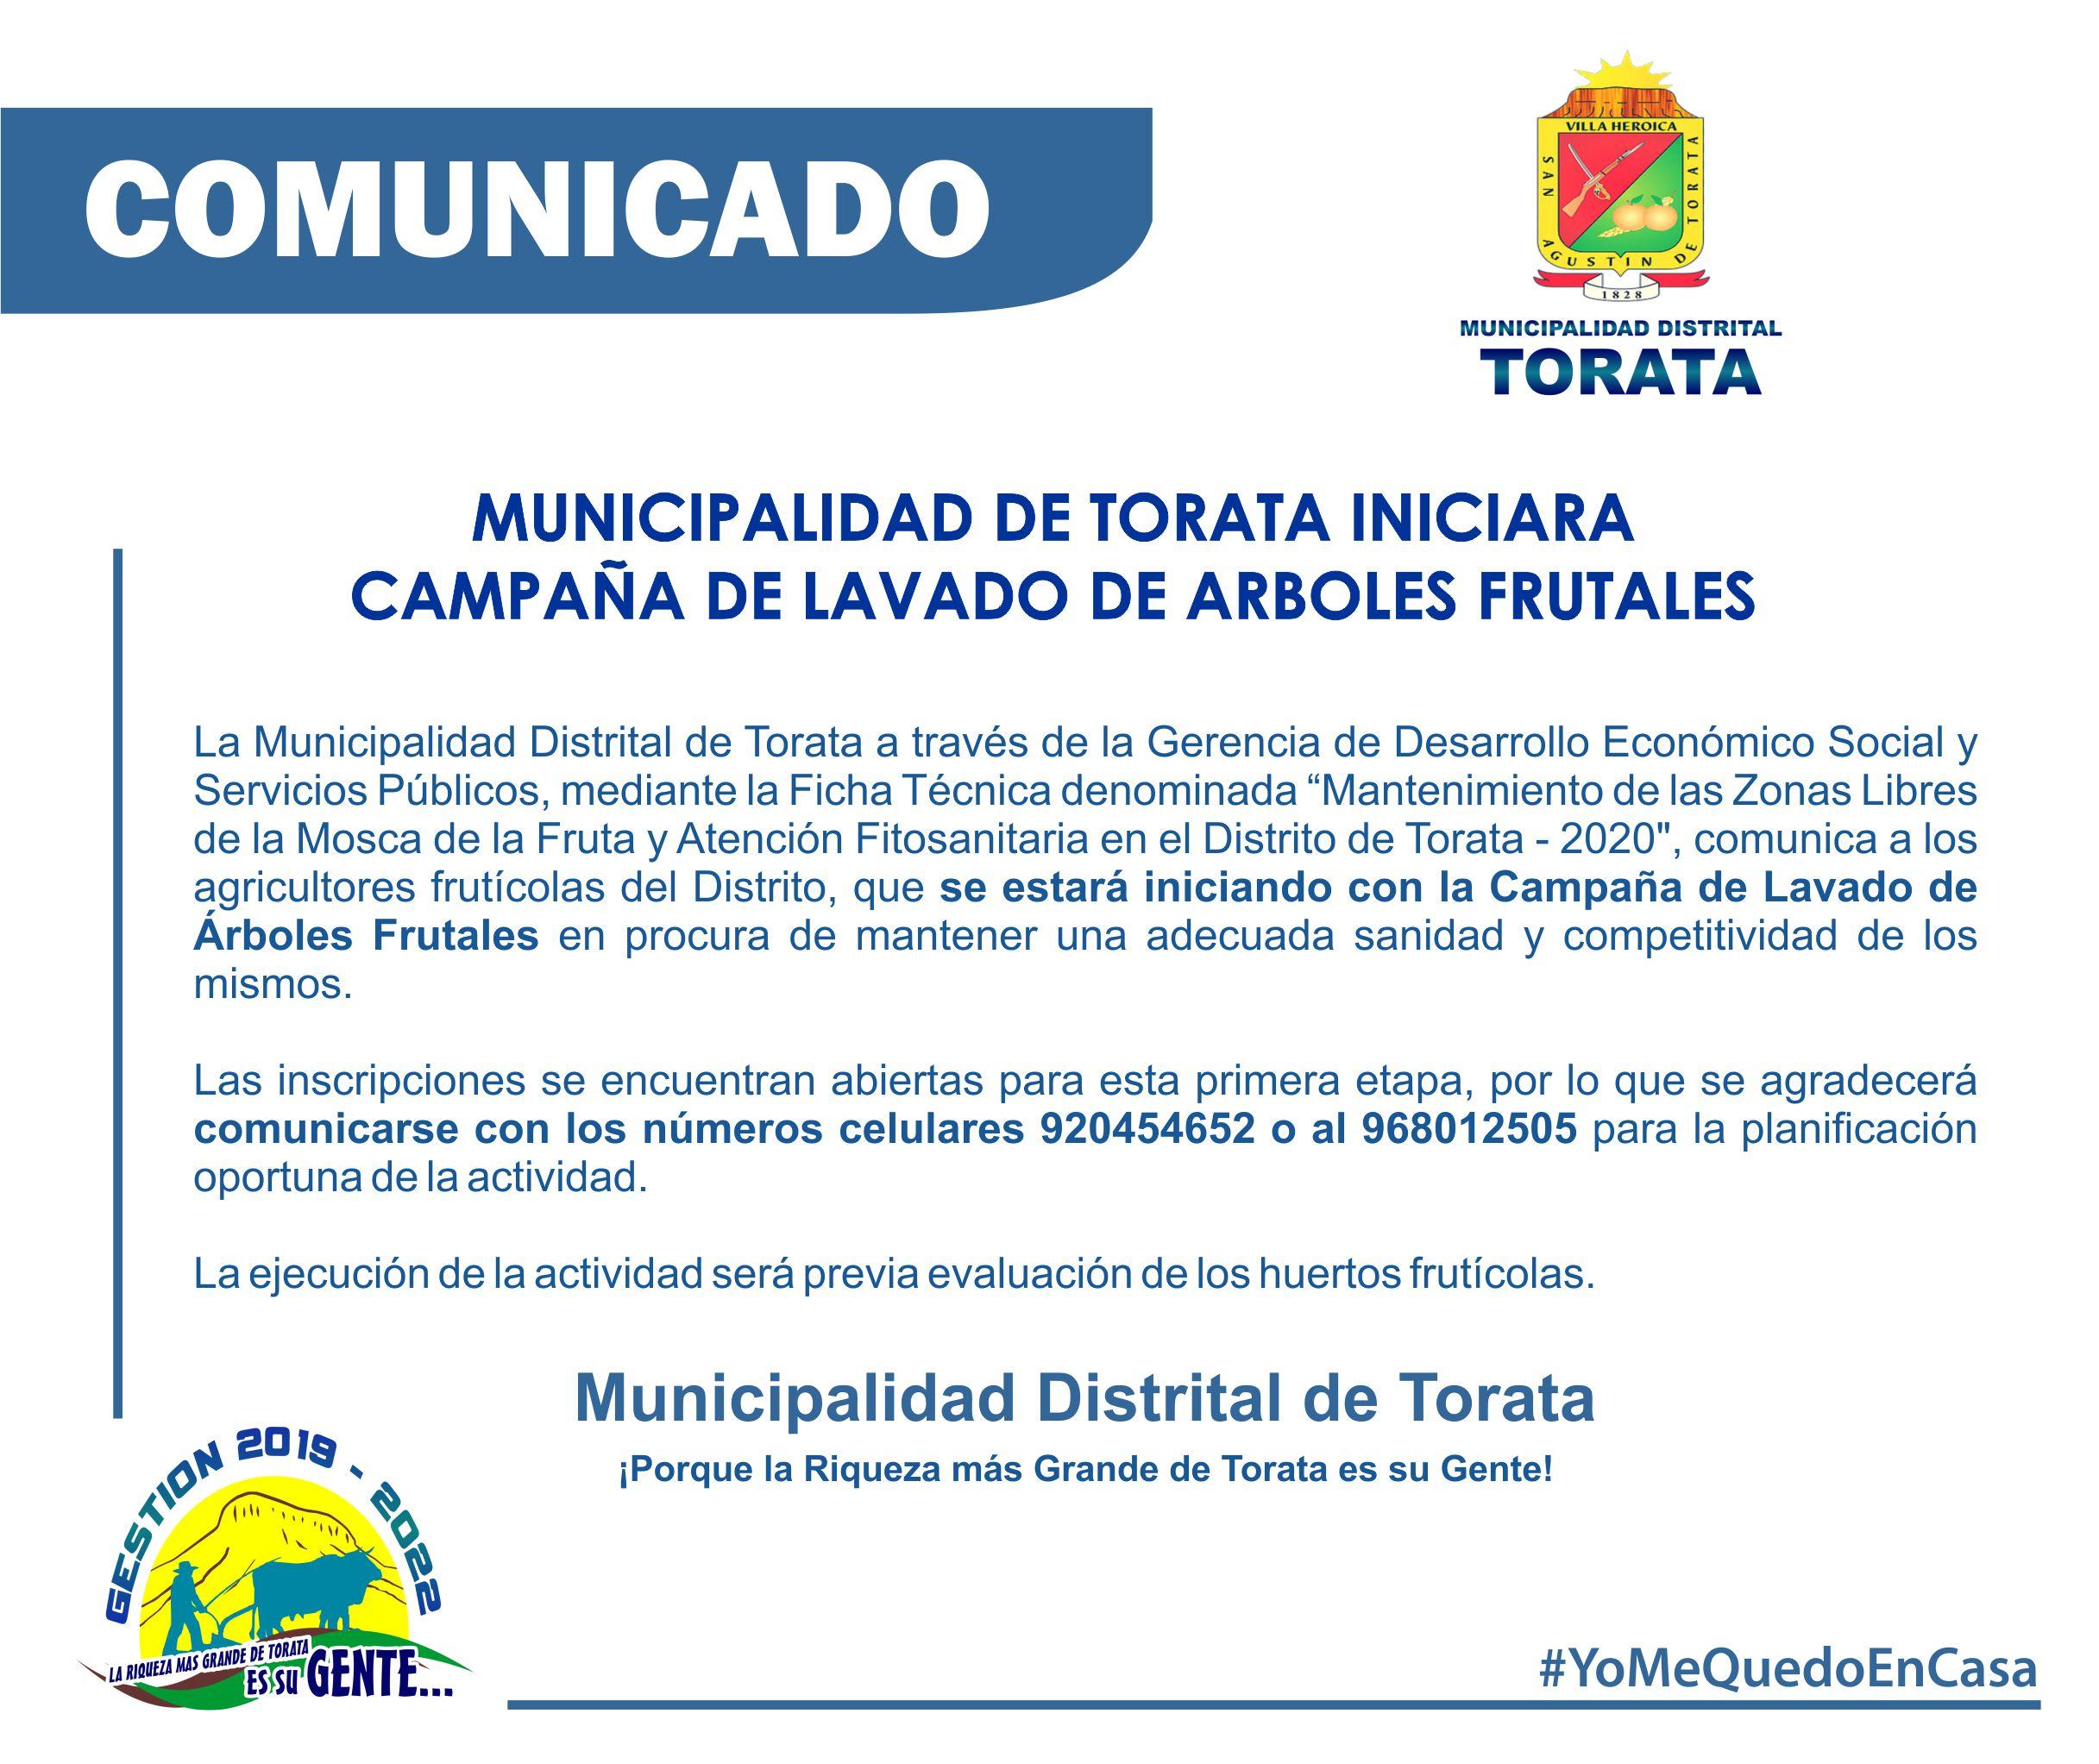 MUNICIPALIDAD DE TORATA INICIARA CAMPAÑA DE LAVADO DE ARBOLES FRUTALES